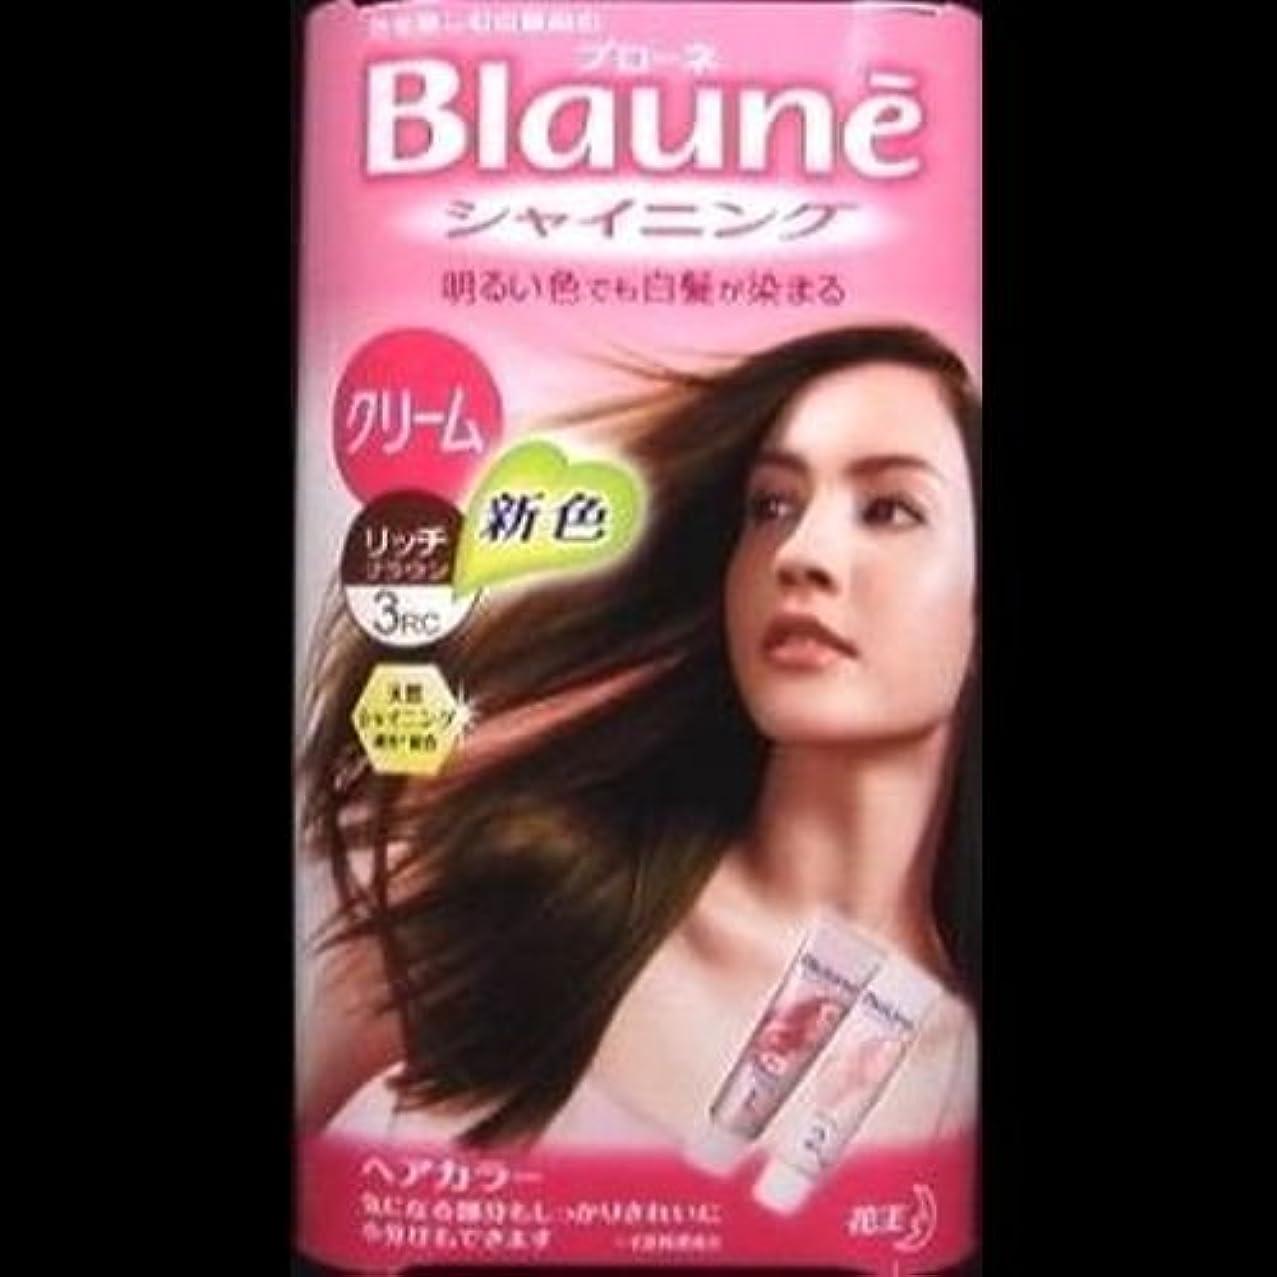 後継月曜軽蔑する【まとめ買い】ブローネシャイニングヘアカラークリーム 3RC リッチブラウン ×2セット